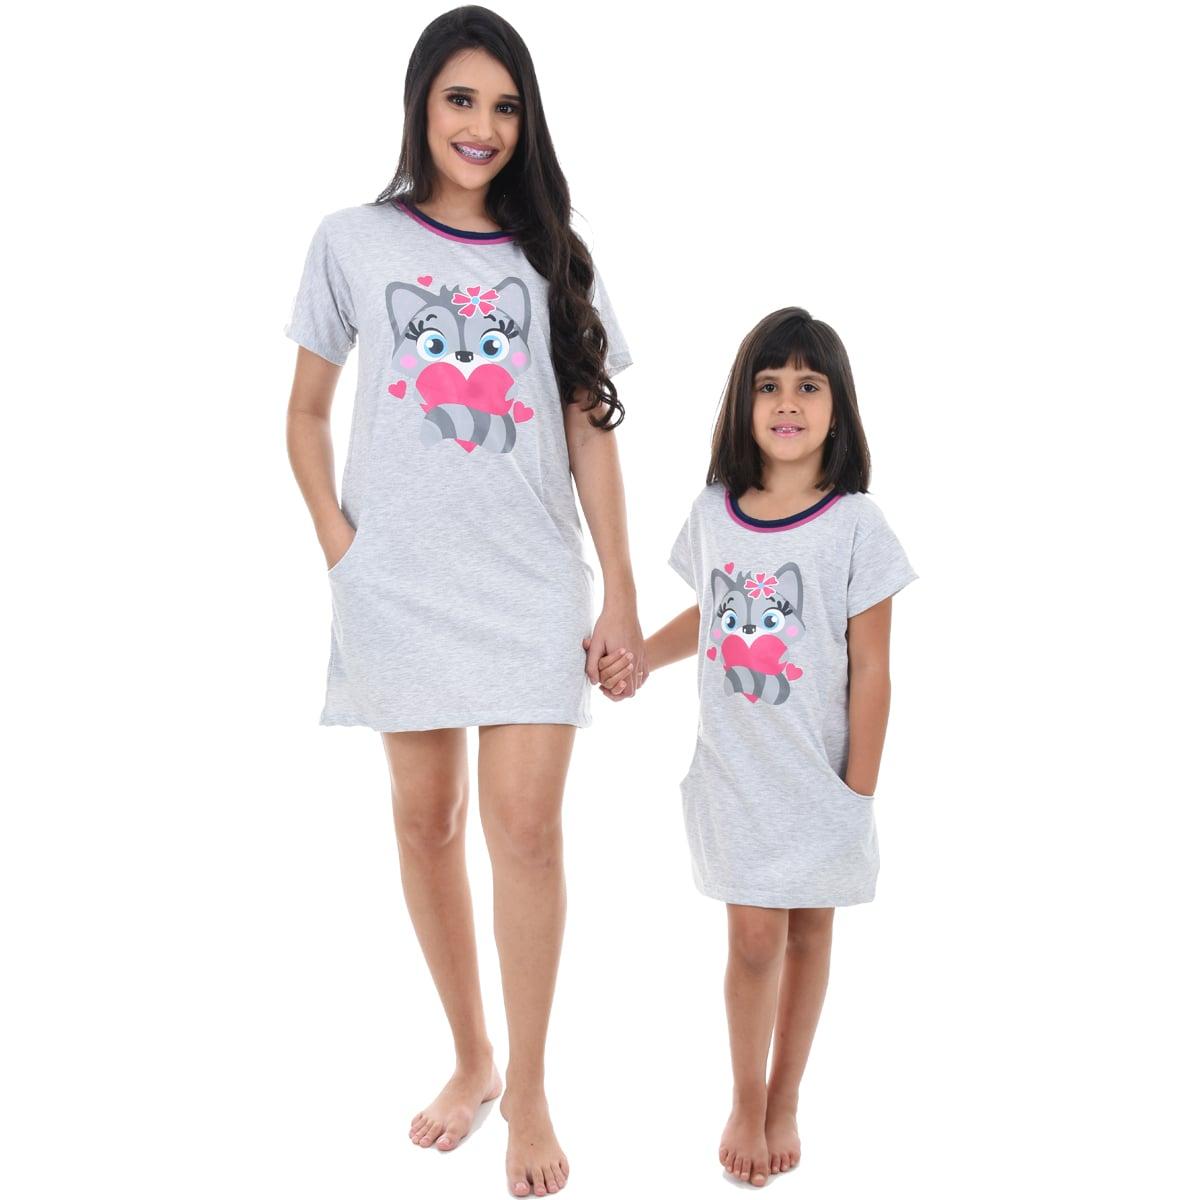 Camisola Camisão Meia Manga Infantil Feminino Raposa Mãe e Filha 366